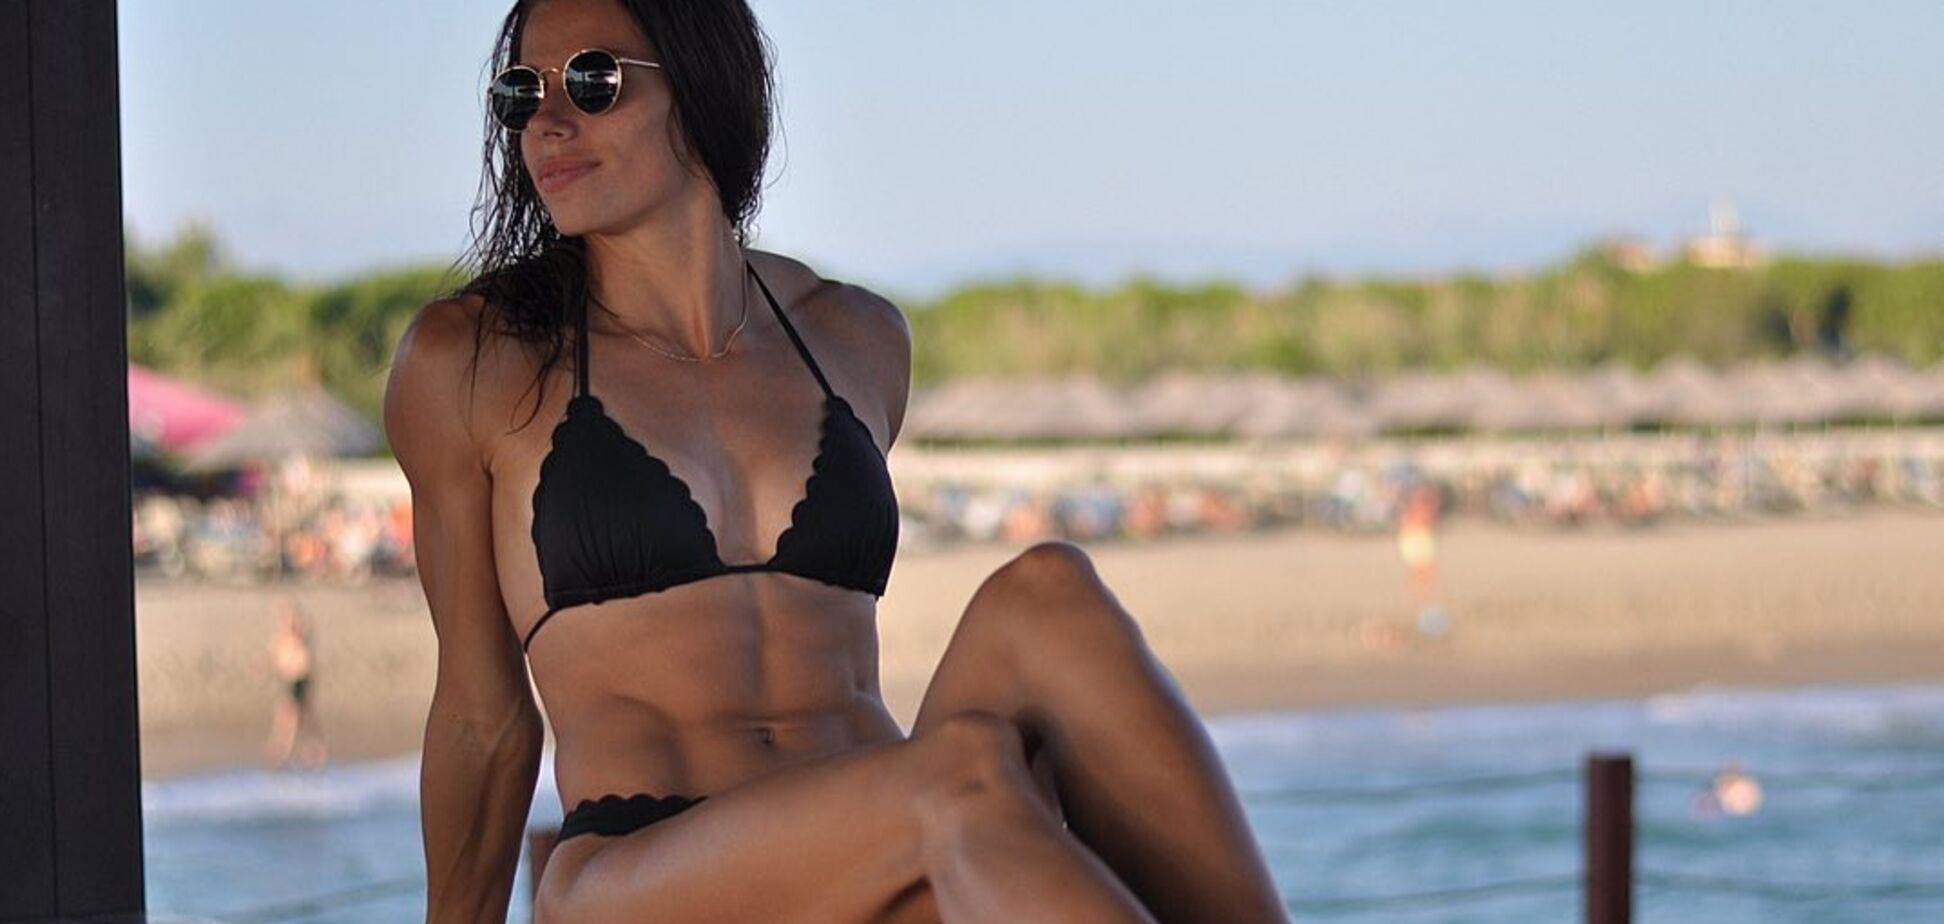 Легкоатлетка Марина Бех поразила потрясающей фигурой в бикини